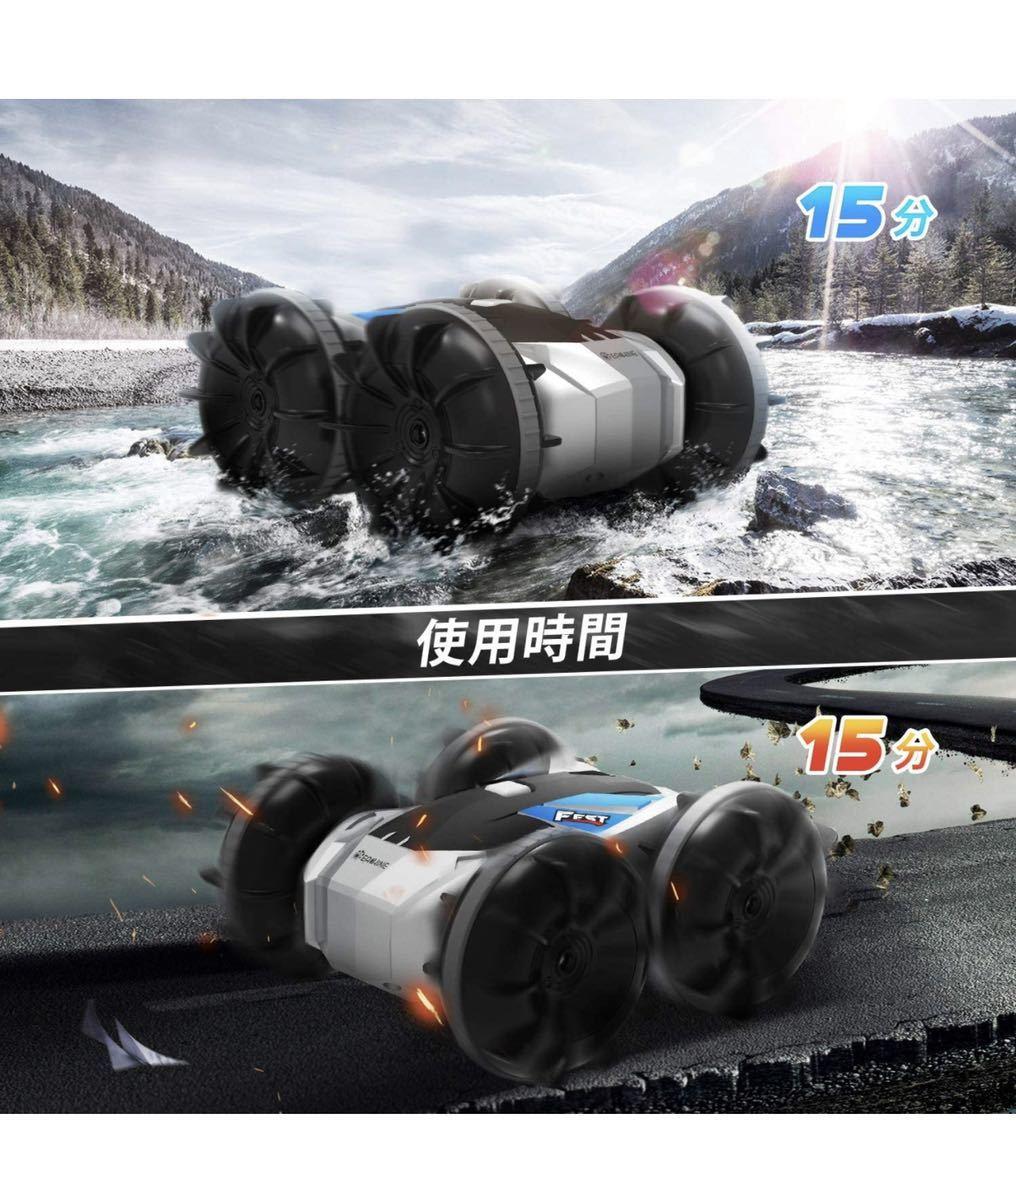 ラジコンカー 水陸両用 防水 スタントカー こども向け おとな向け ラジコン 車 おもちゃ 15分間走れ 両面走行